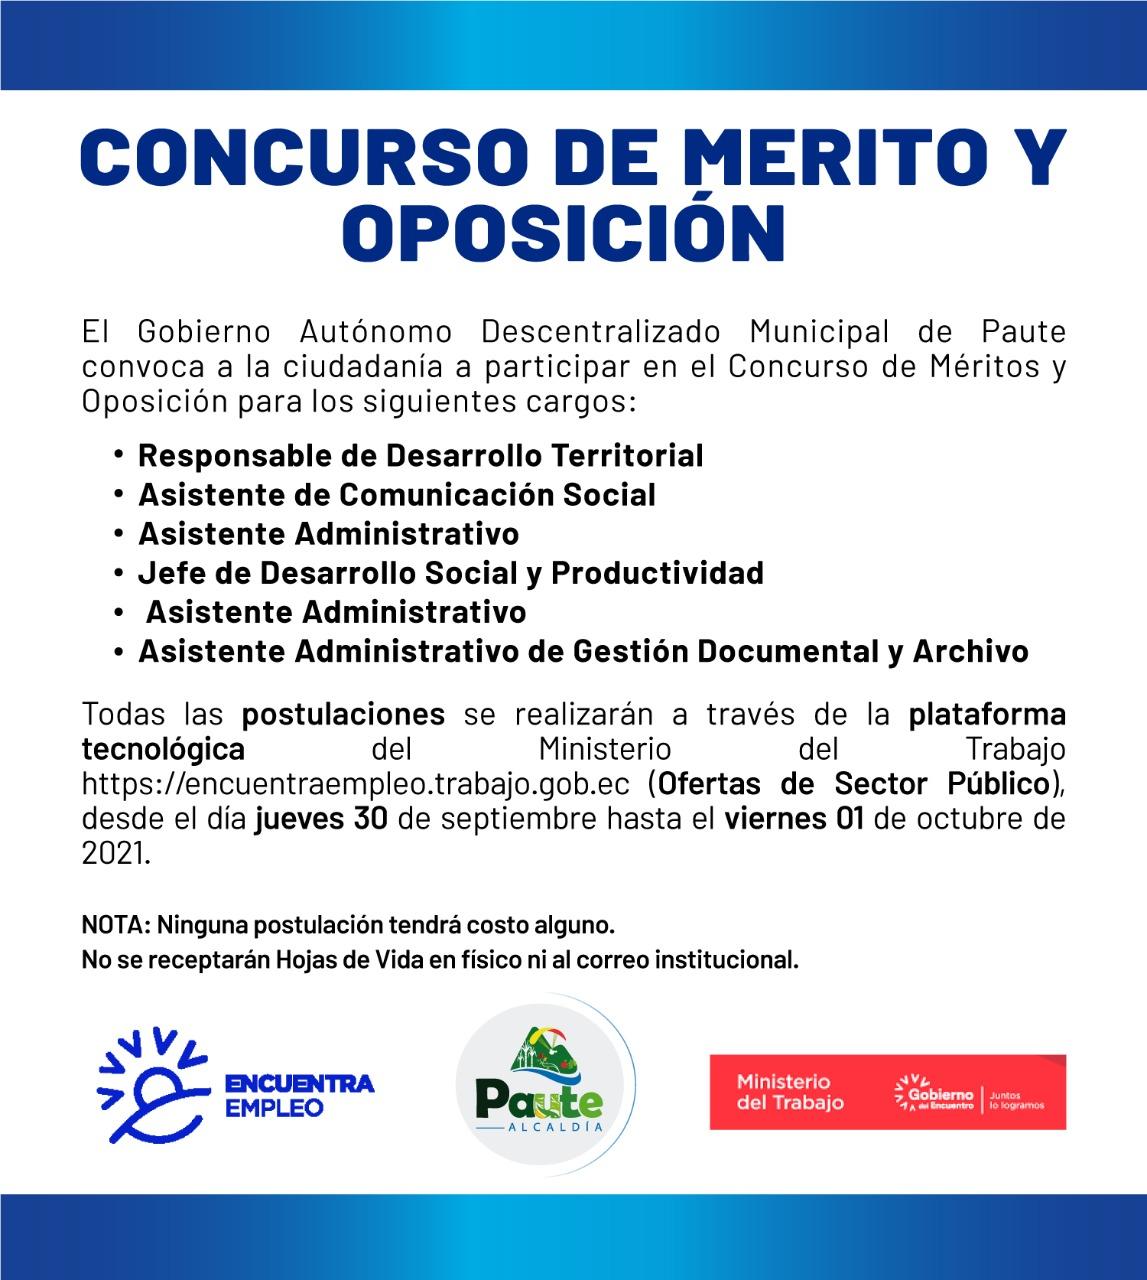 CONCURSO DE MÉRITOS Y OPOSICIÓN 2021